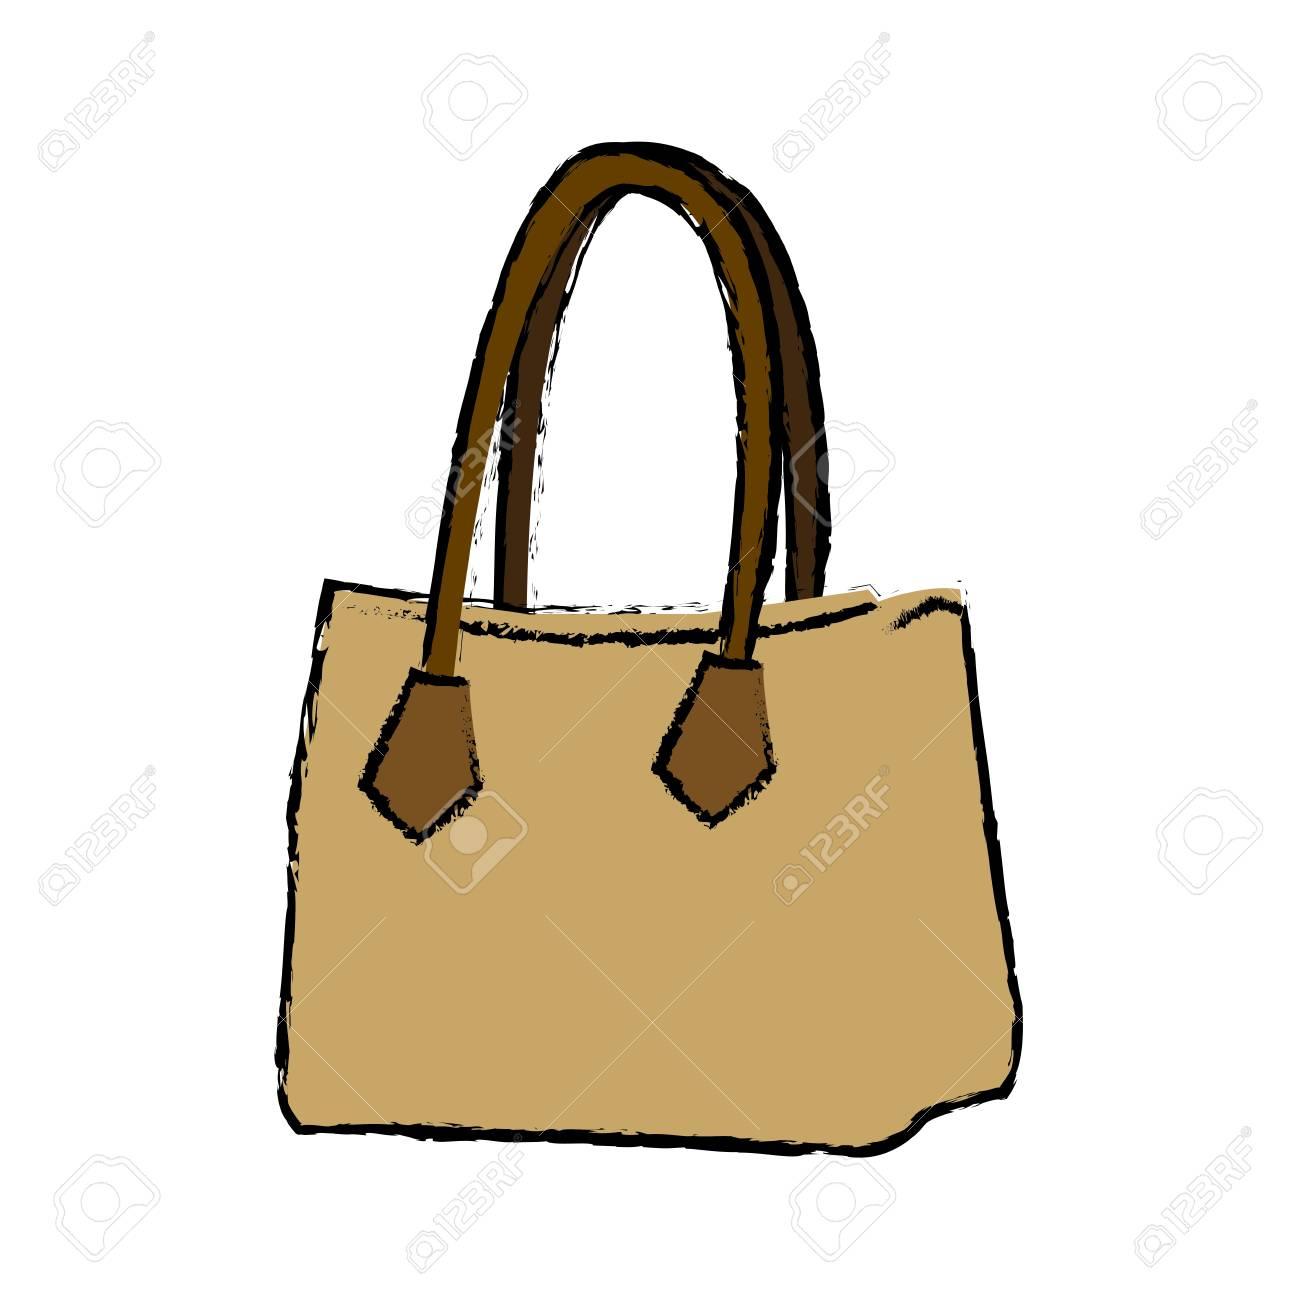 1300x1300 Drawing Handbag Elegant Fashion Female Vector Illustration Royalty